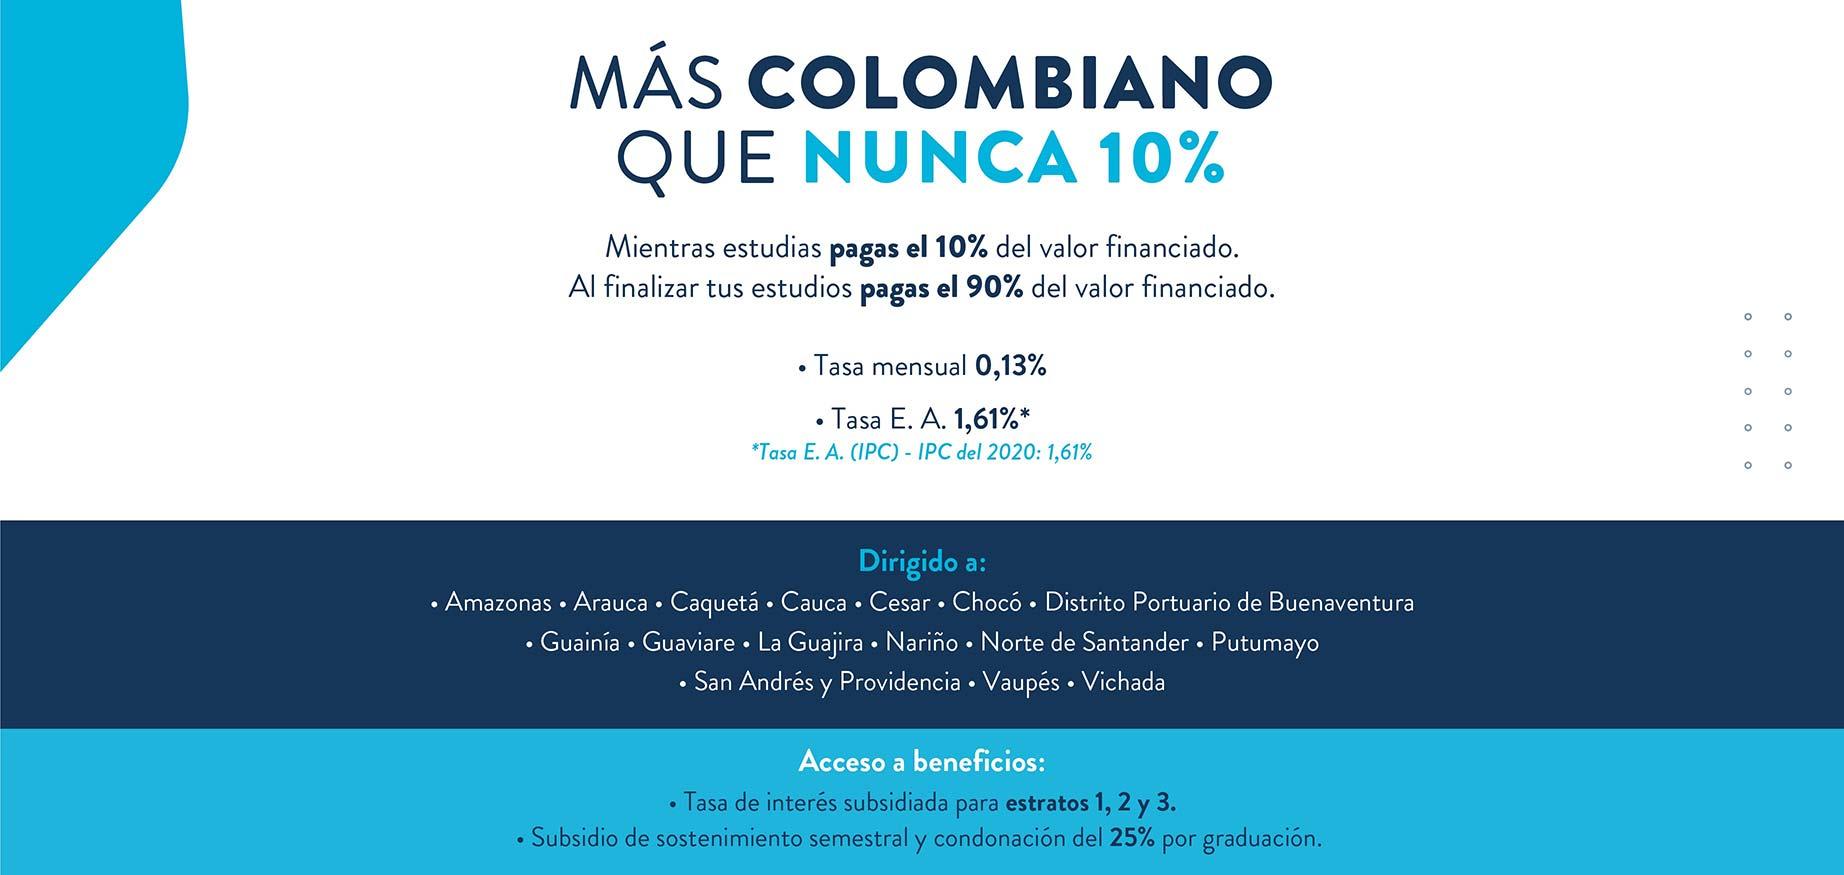 Icetex mas colombiano que nunca